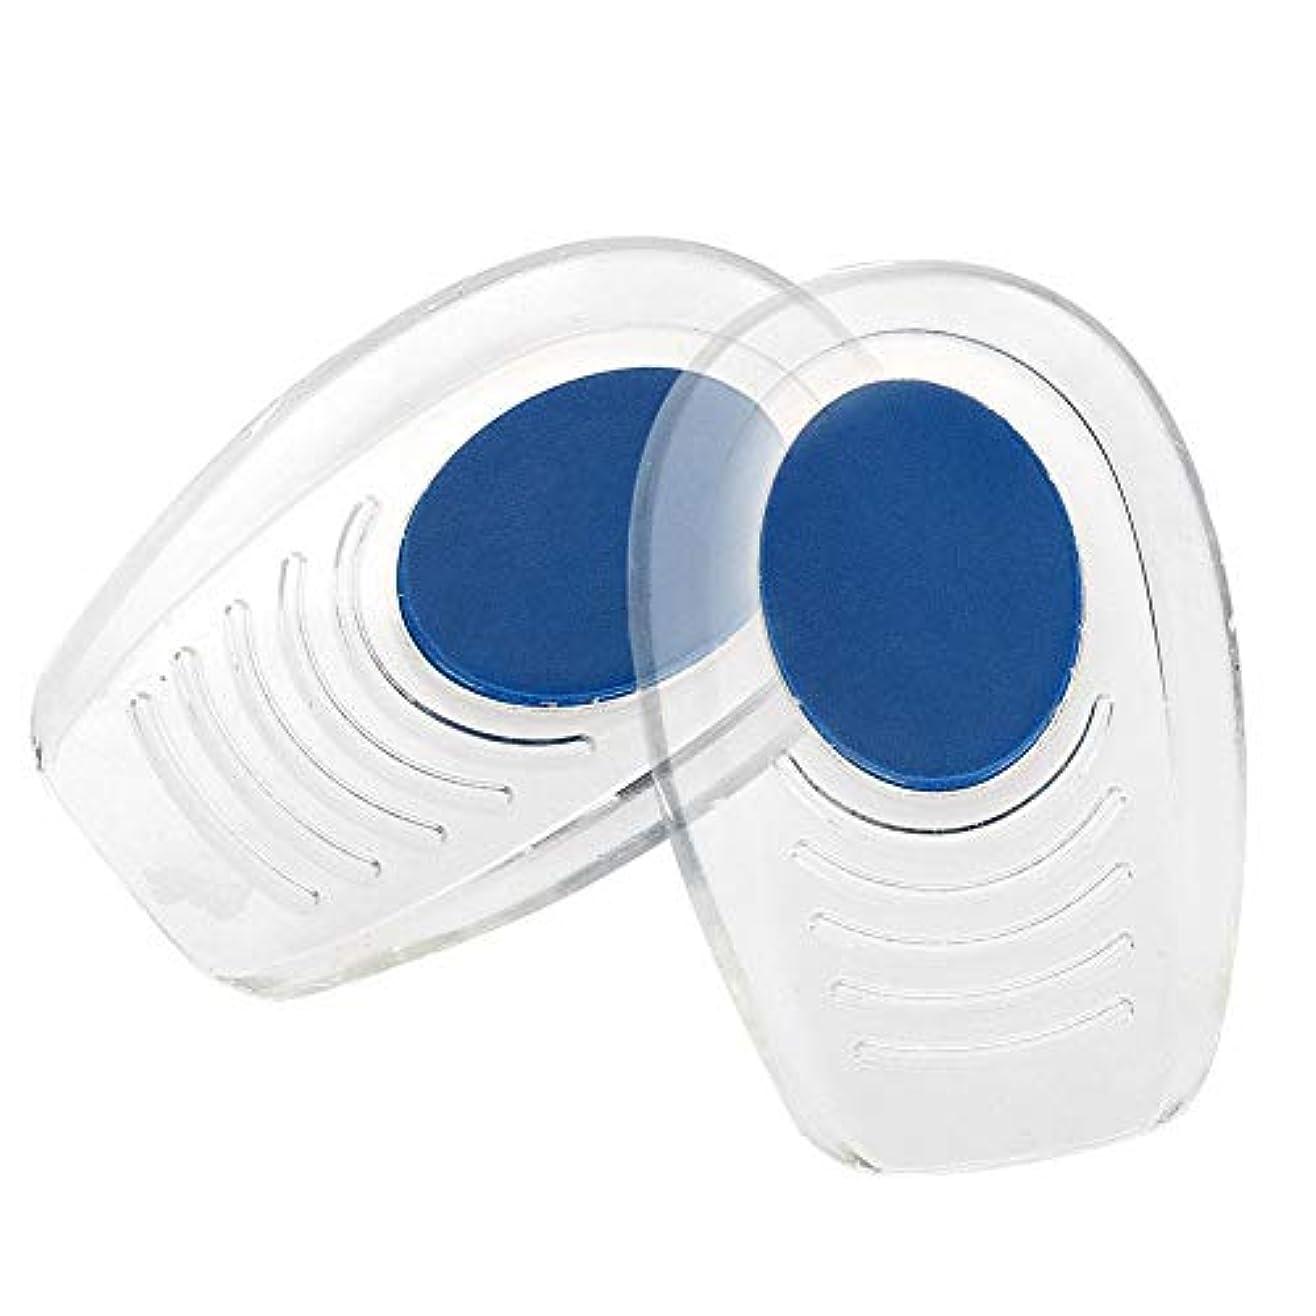 尊敬するアクセスできないジャーナルソフトインソール かかと痛みパッド   シリコーン衝撃吸収ヒールパッド (滑り止めテクスチャー付) ブルー パッドフットケアツール (S(7*10.5CM))